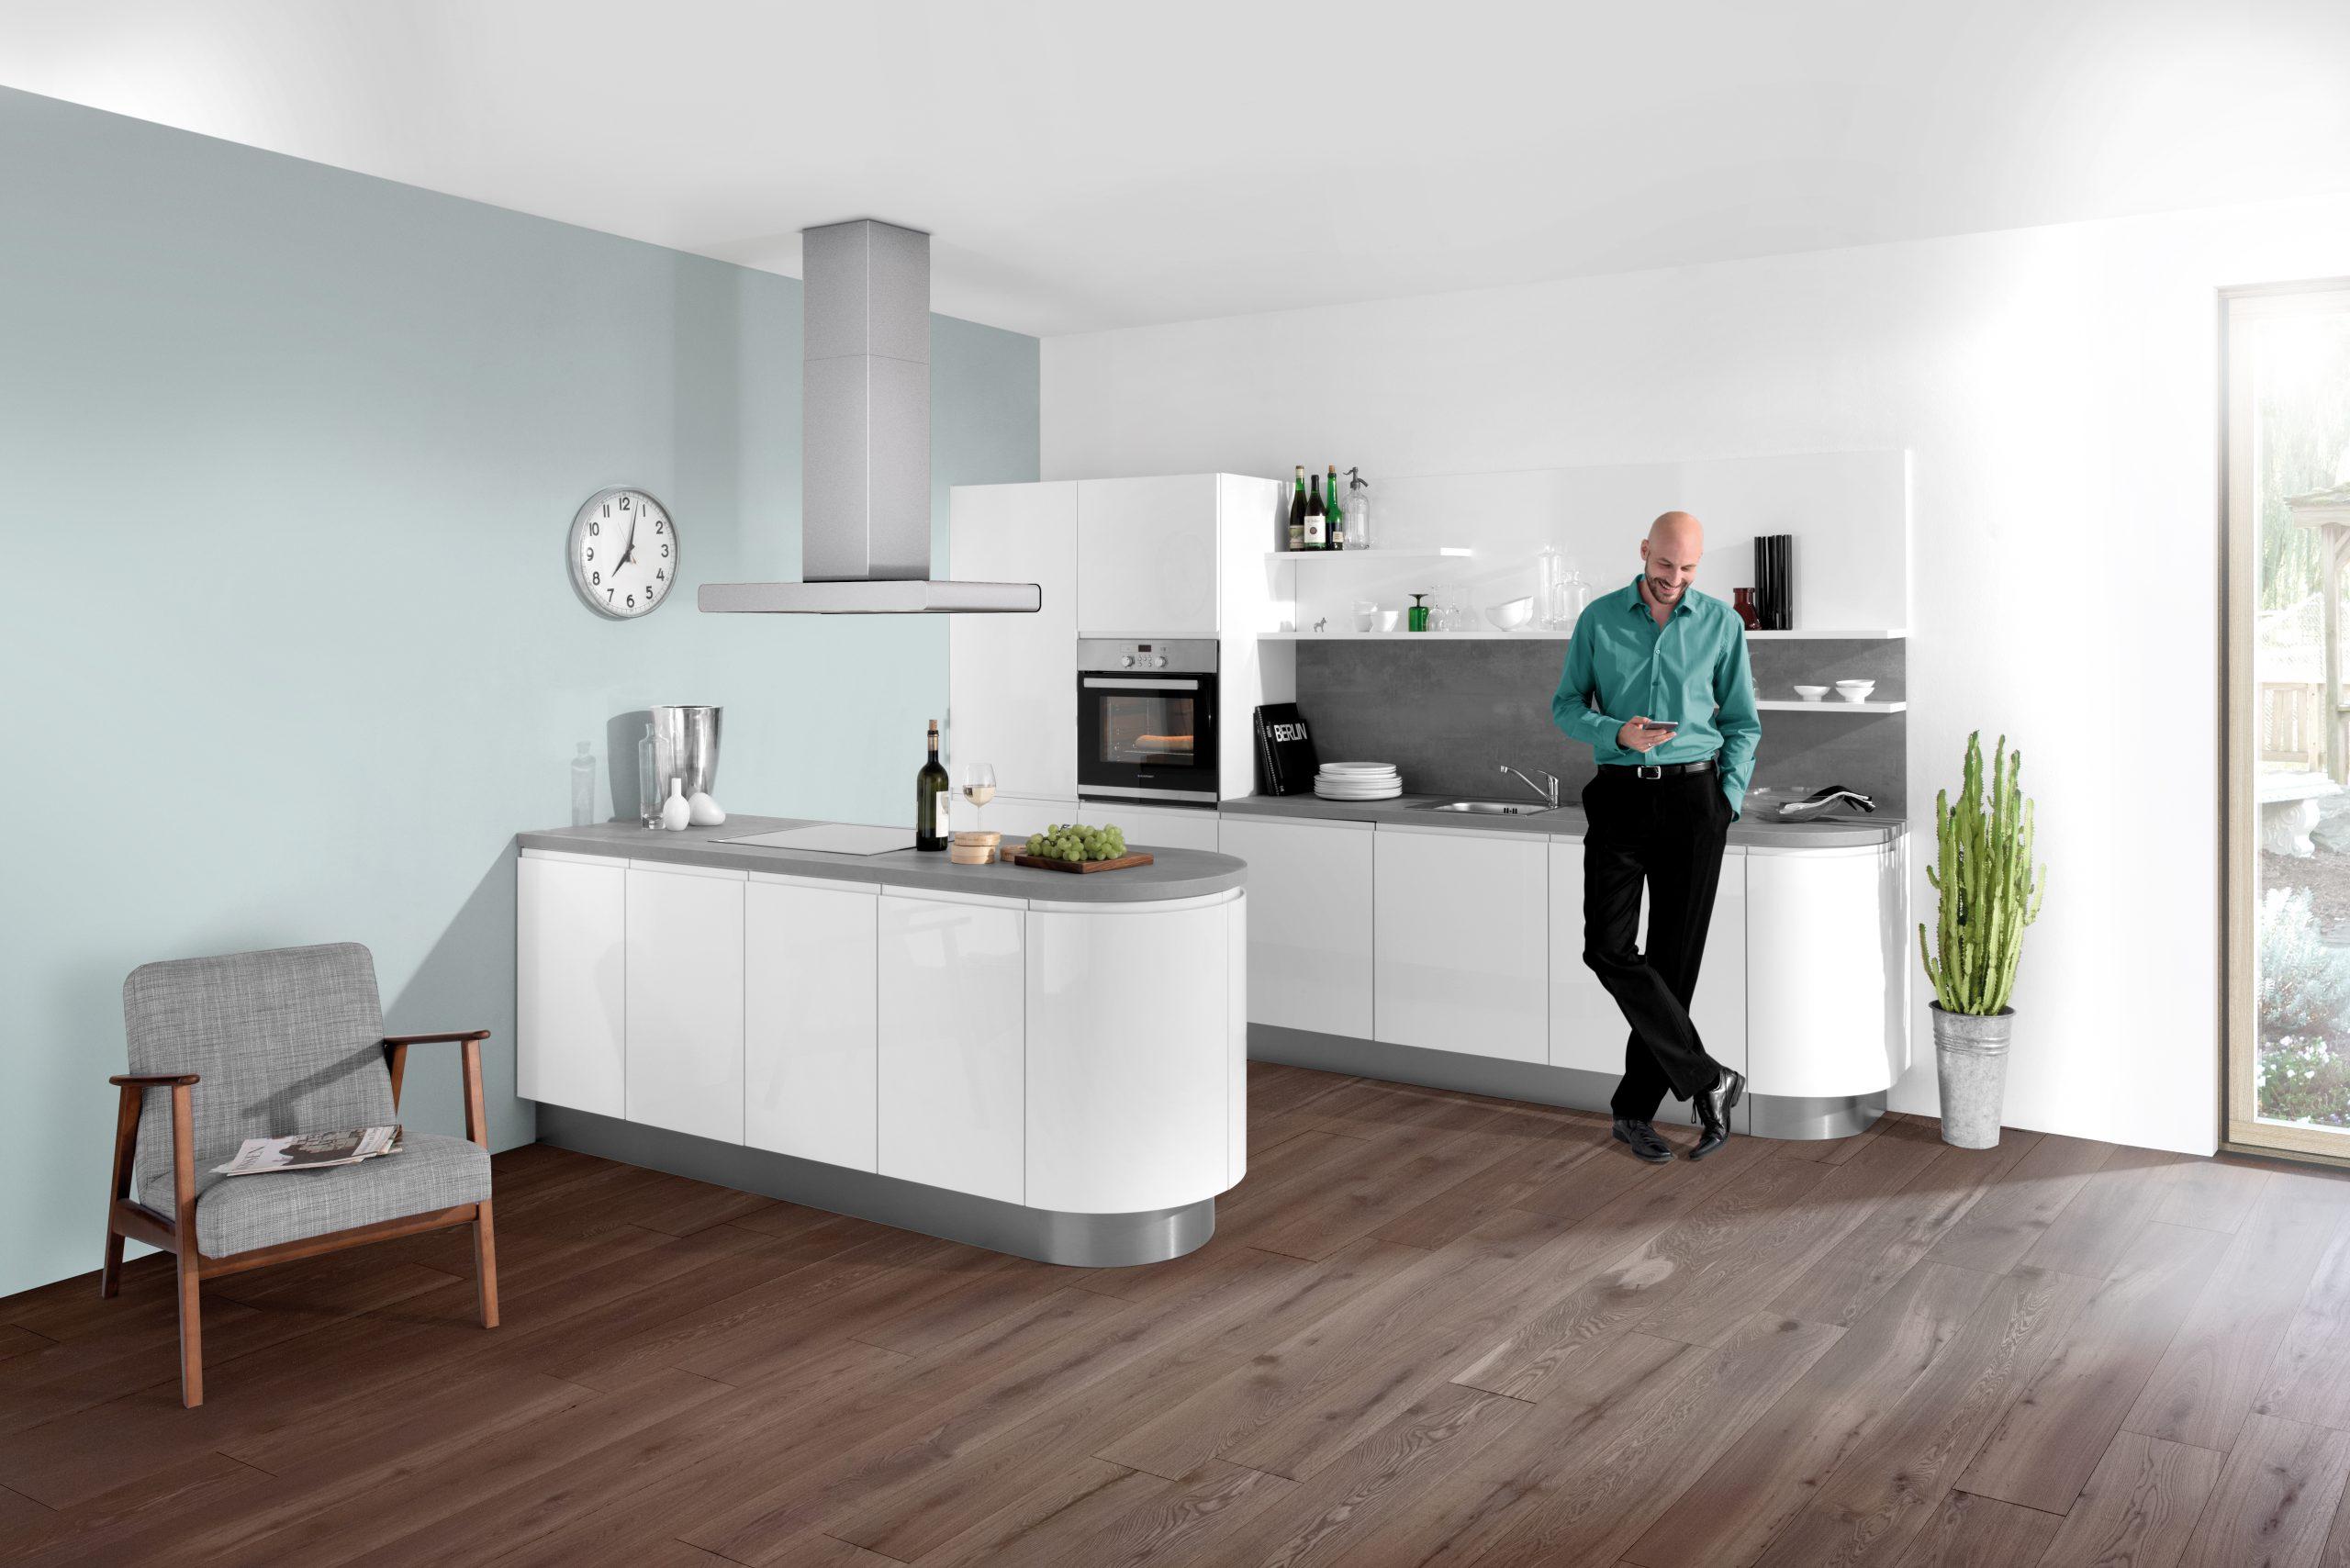 Full Size of Wohnzimmer Tapeten Ideen Küchen Regal Bad Renovieren Wohnzimmer Küchen Ideen